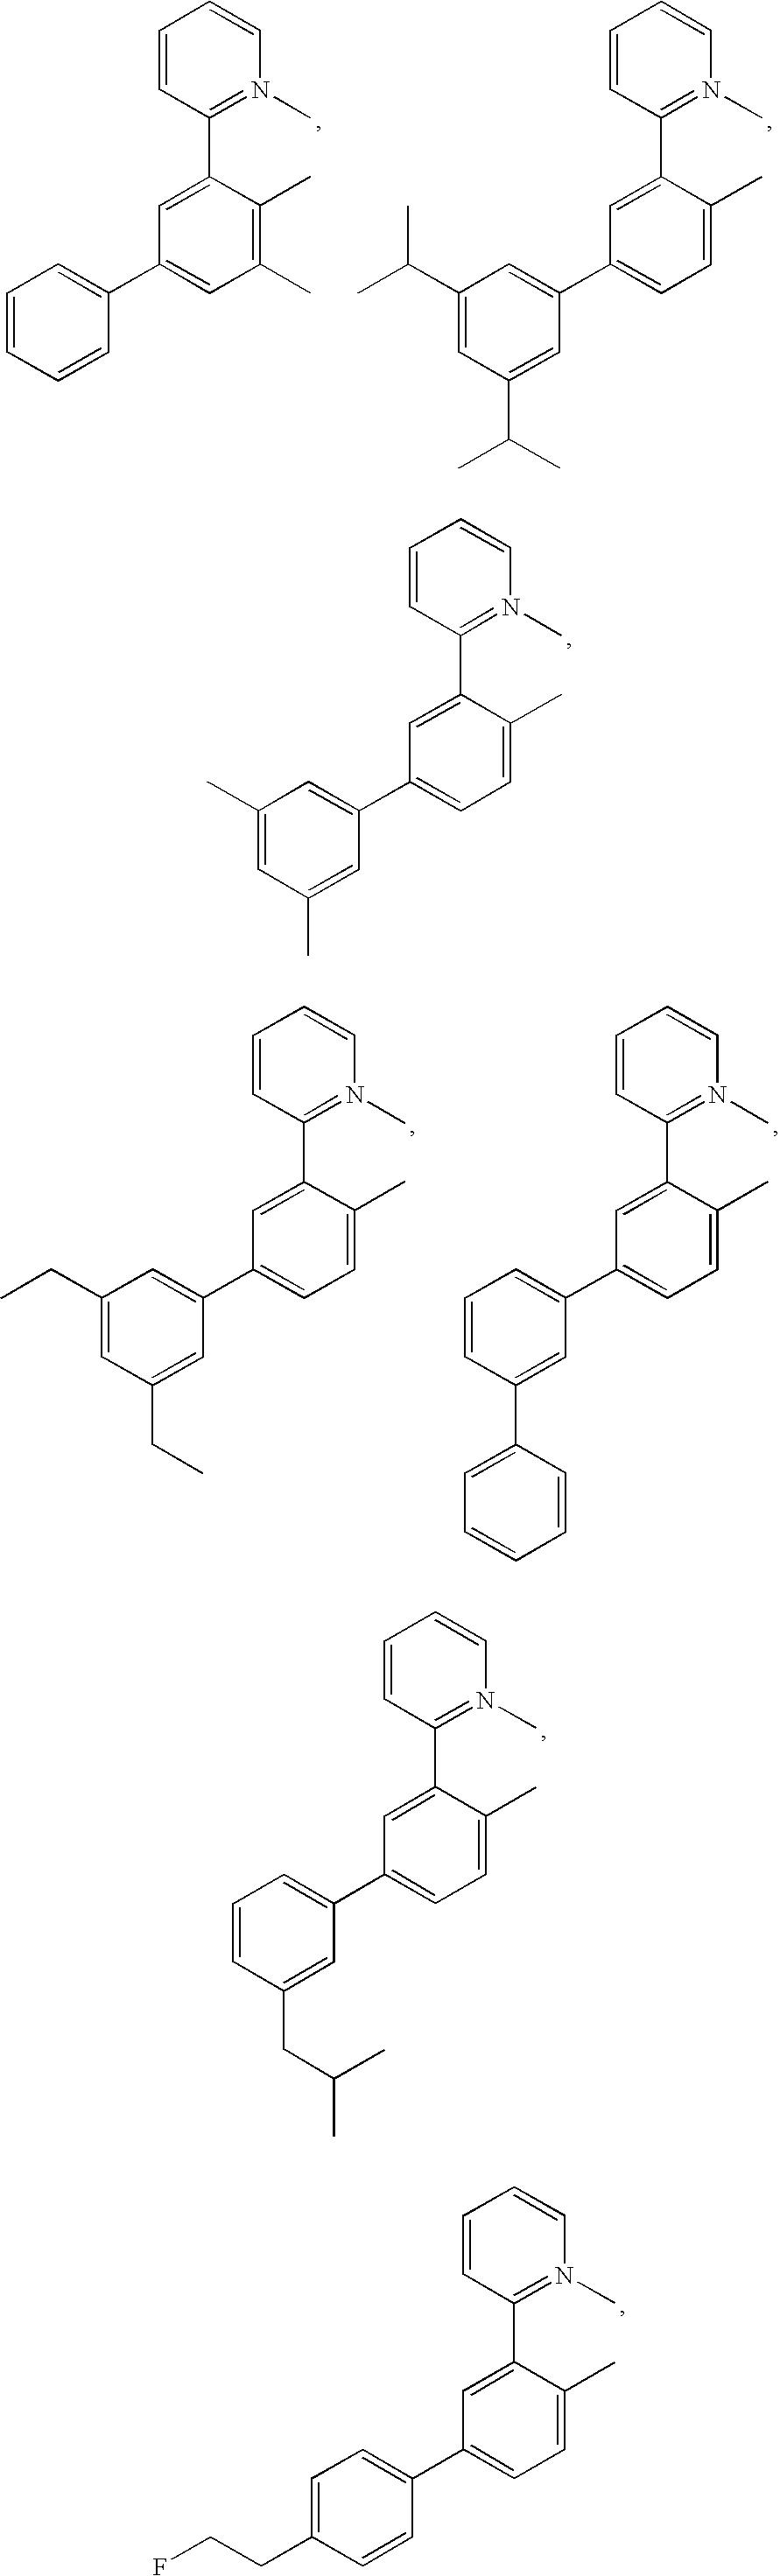 Figure US20090108737A1-20090430-C00227